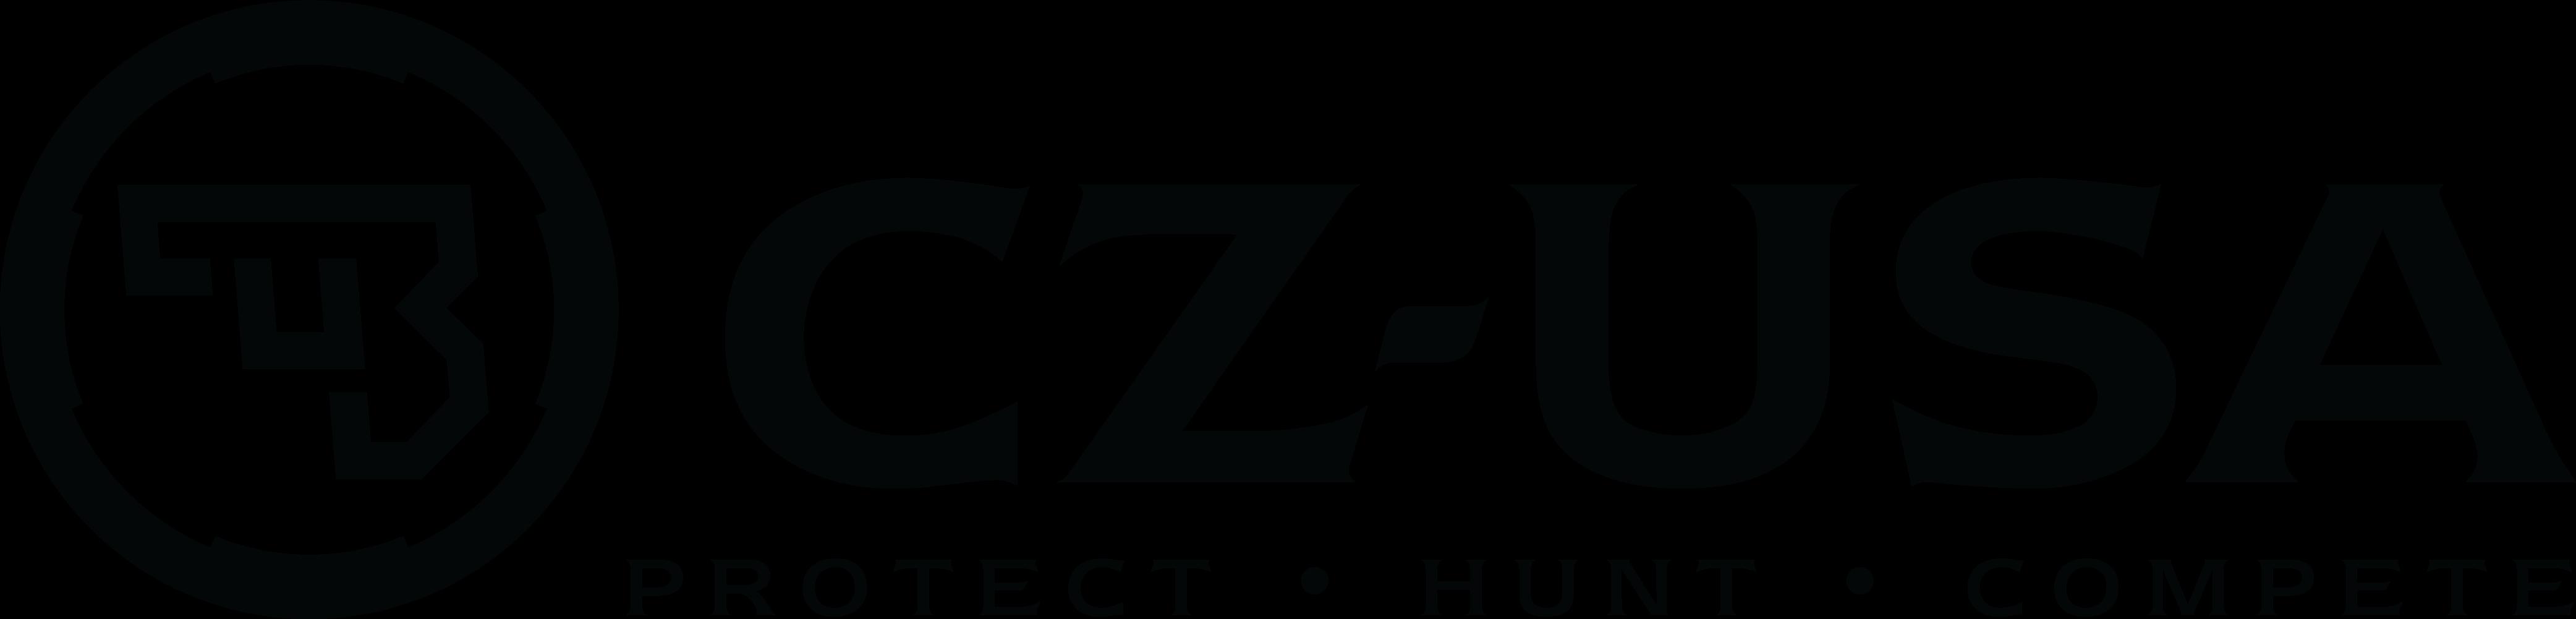 19e_CZ-USA_Logo-Black.png